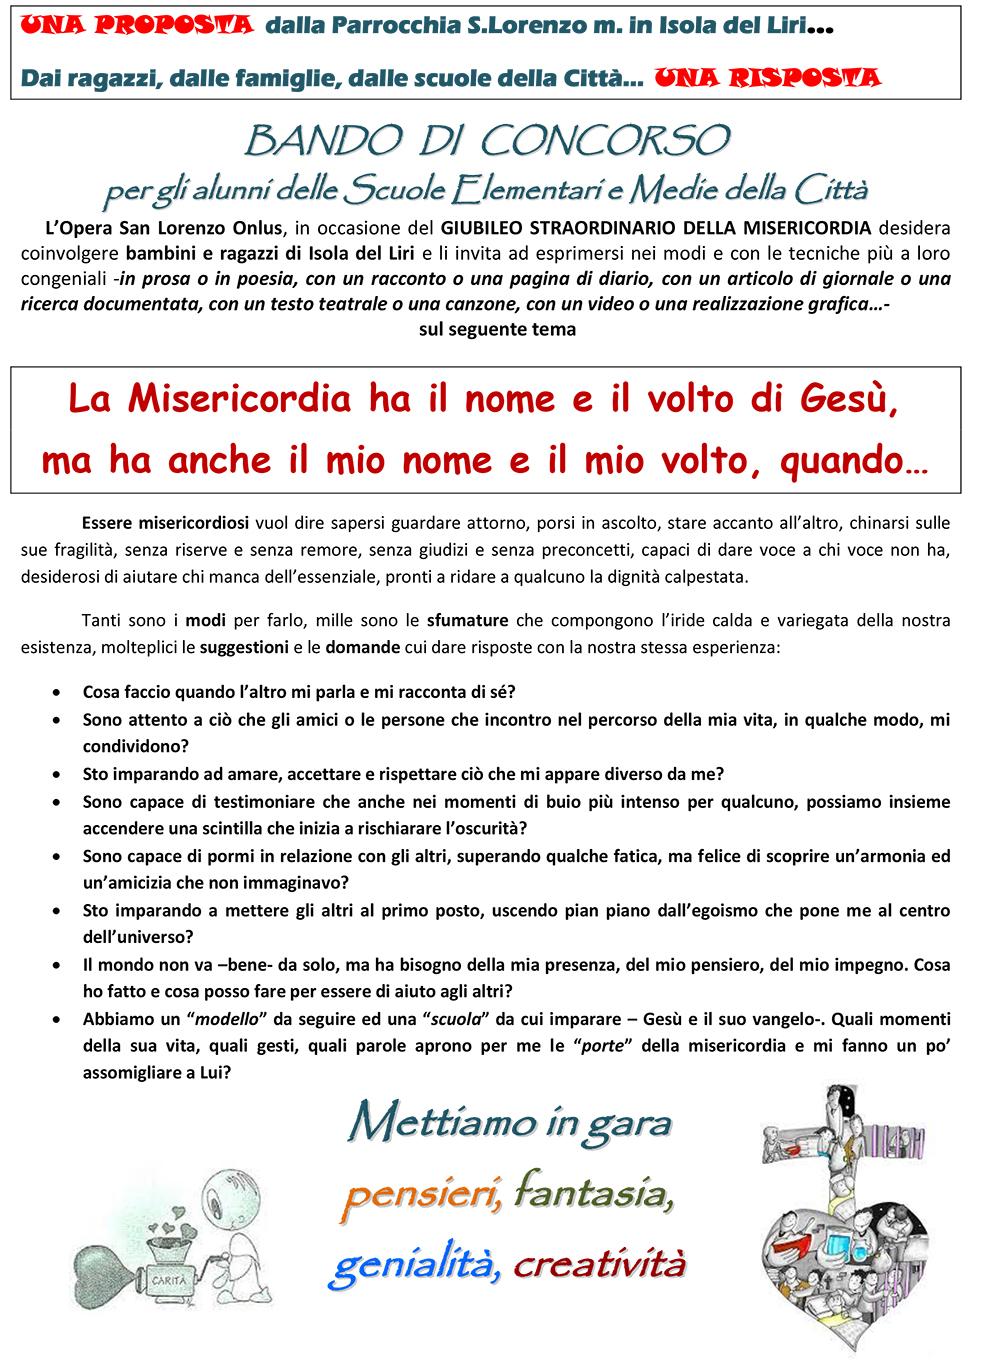 San Lorenzo Martire ® - 2016 04 08 - Avvisi Echi di Vita Foglio UNO